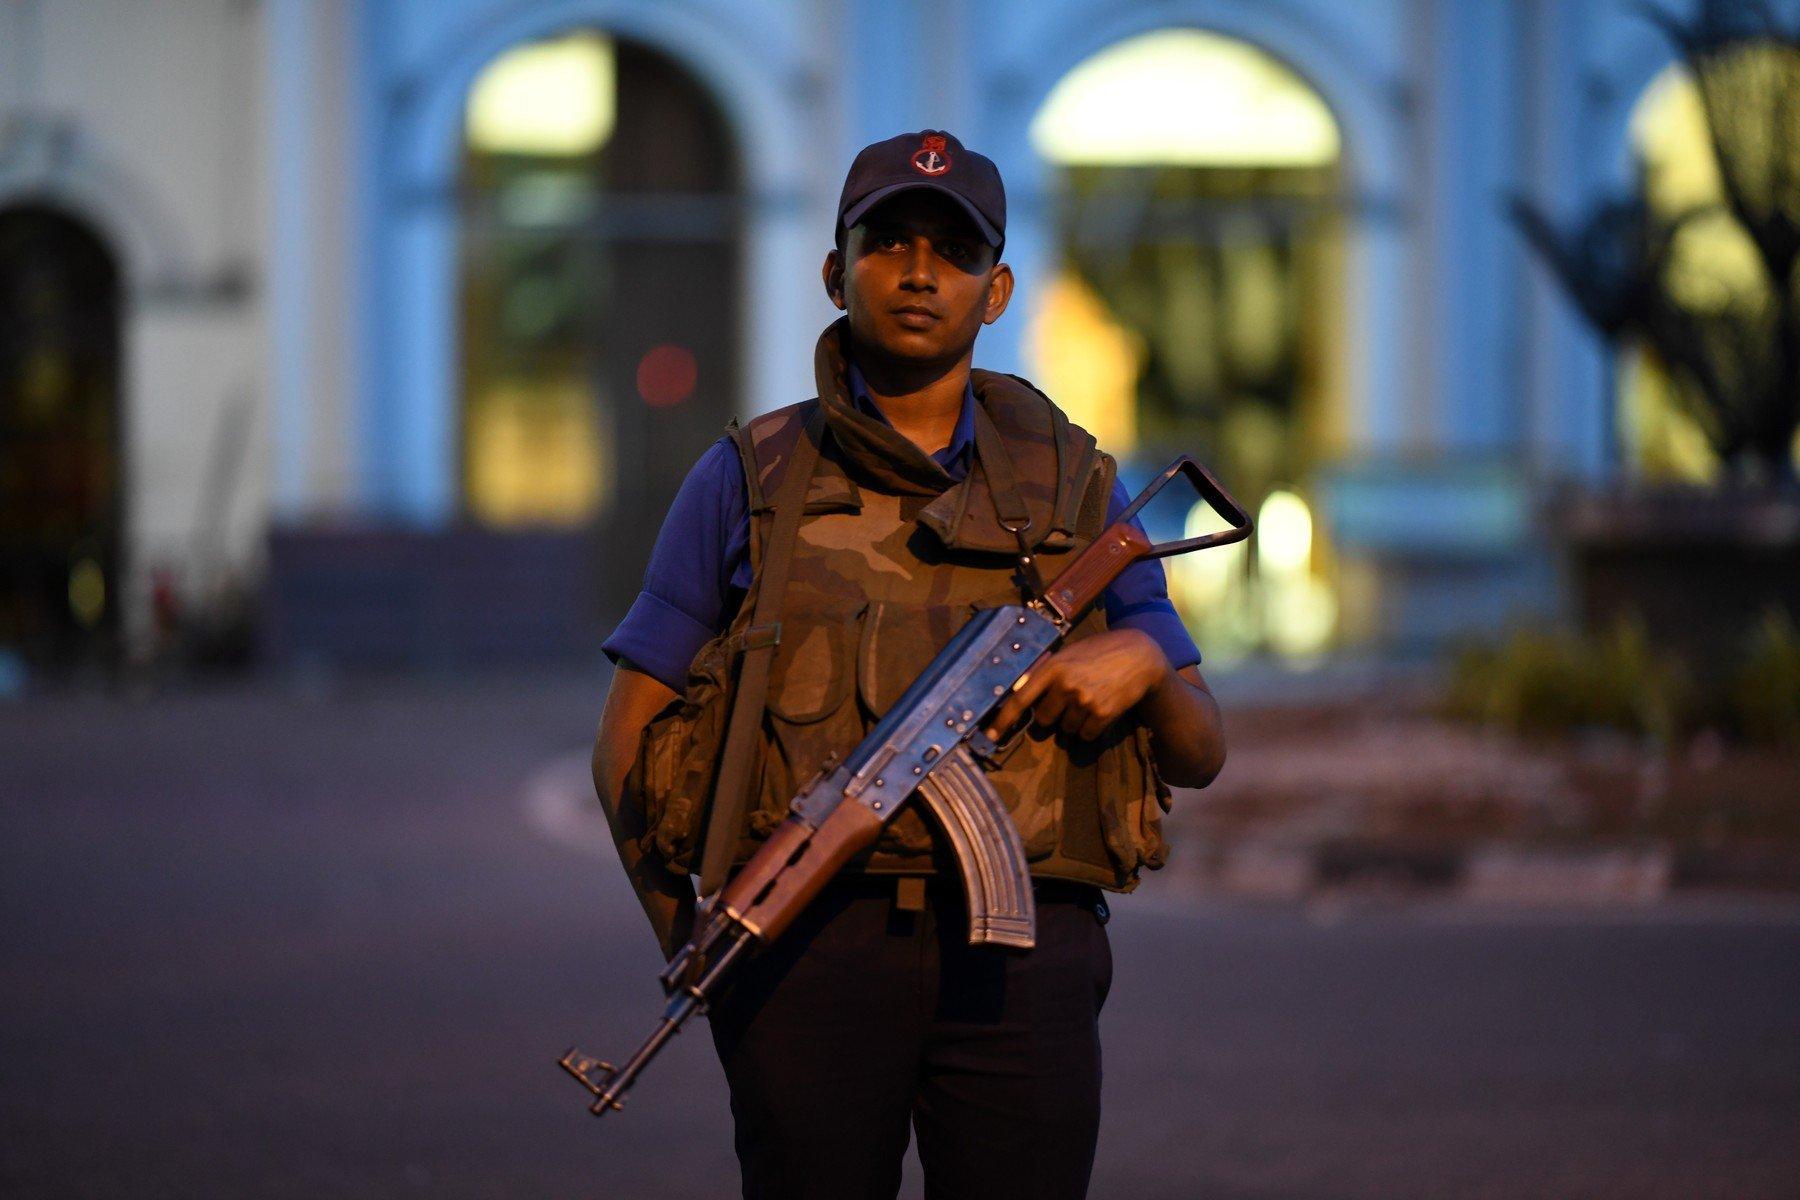 exploze v kostelech a hotelech na Srí Lance (21.4.2019)